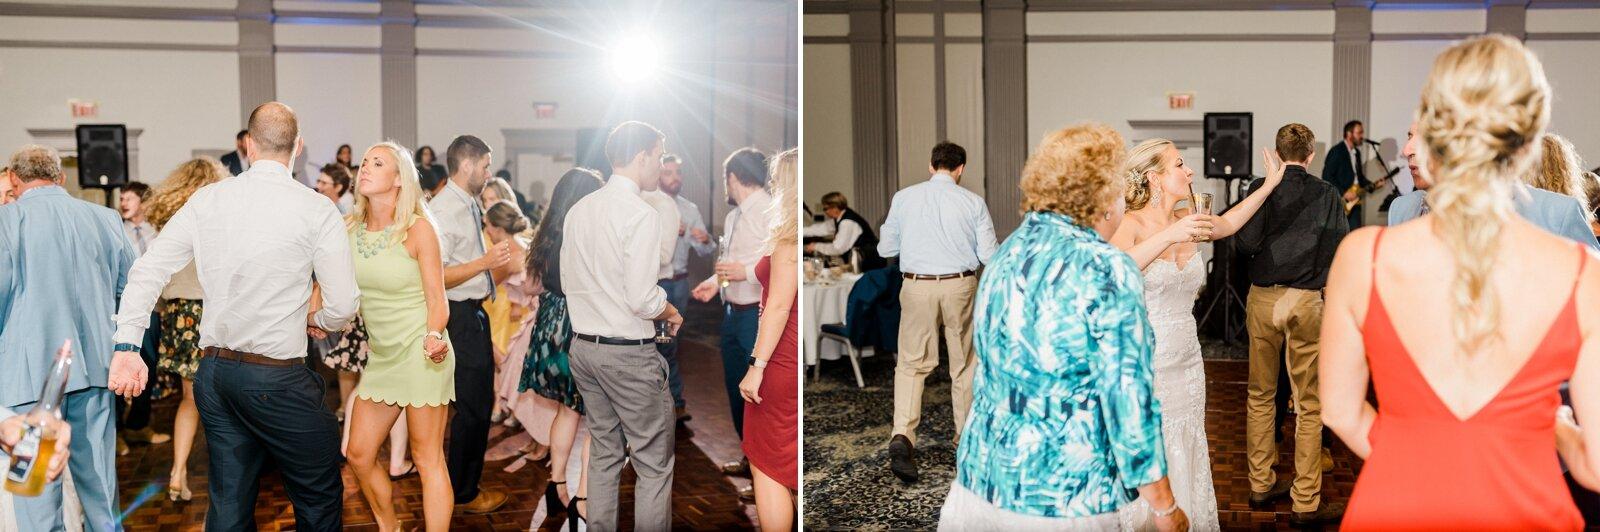 reception 6.jpg